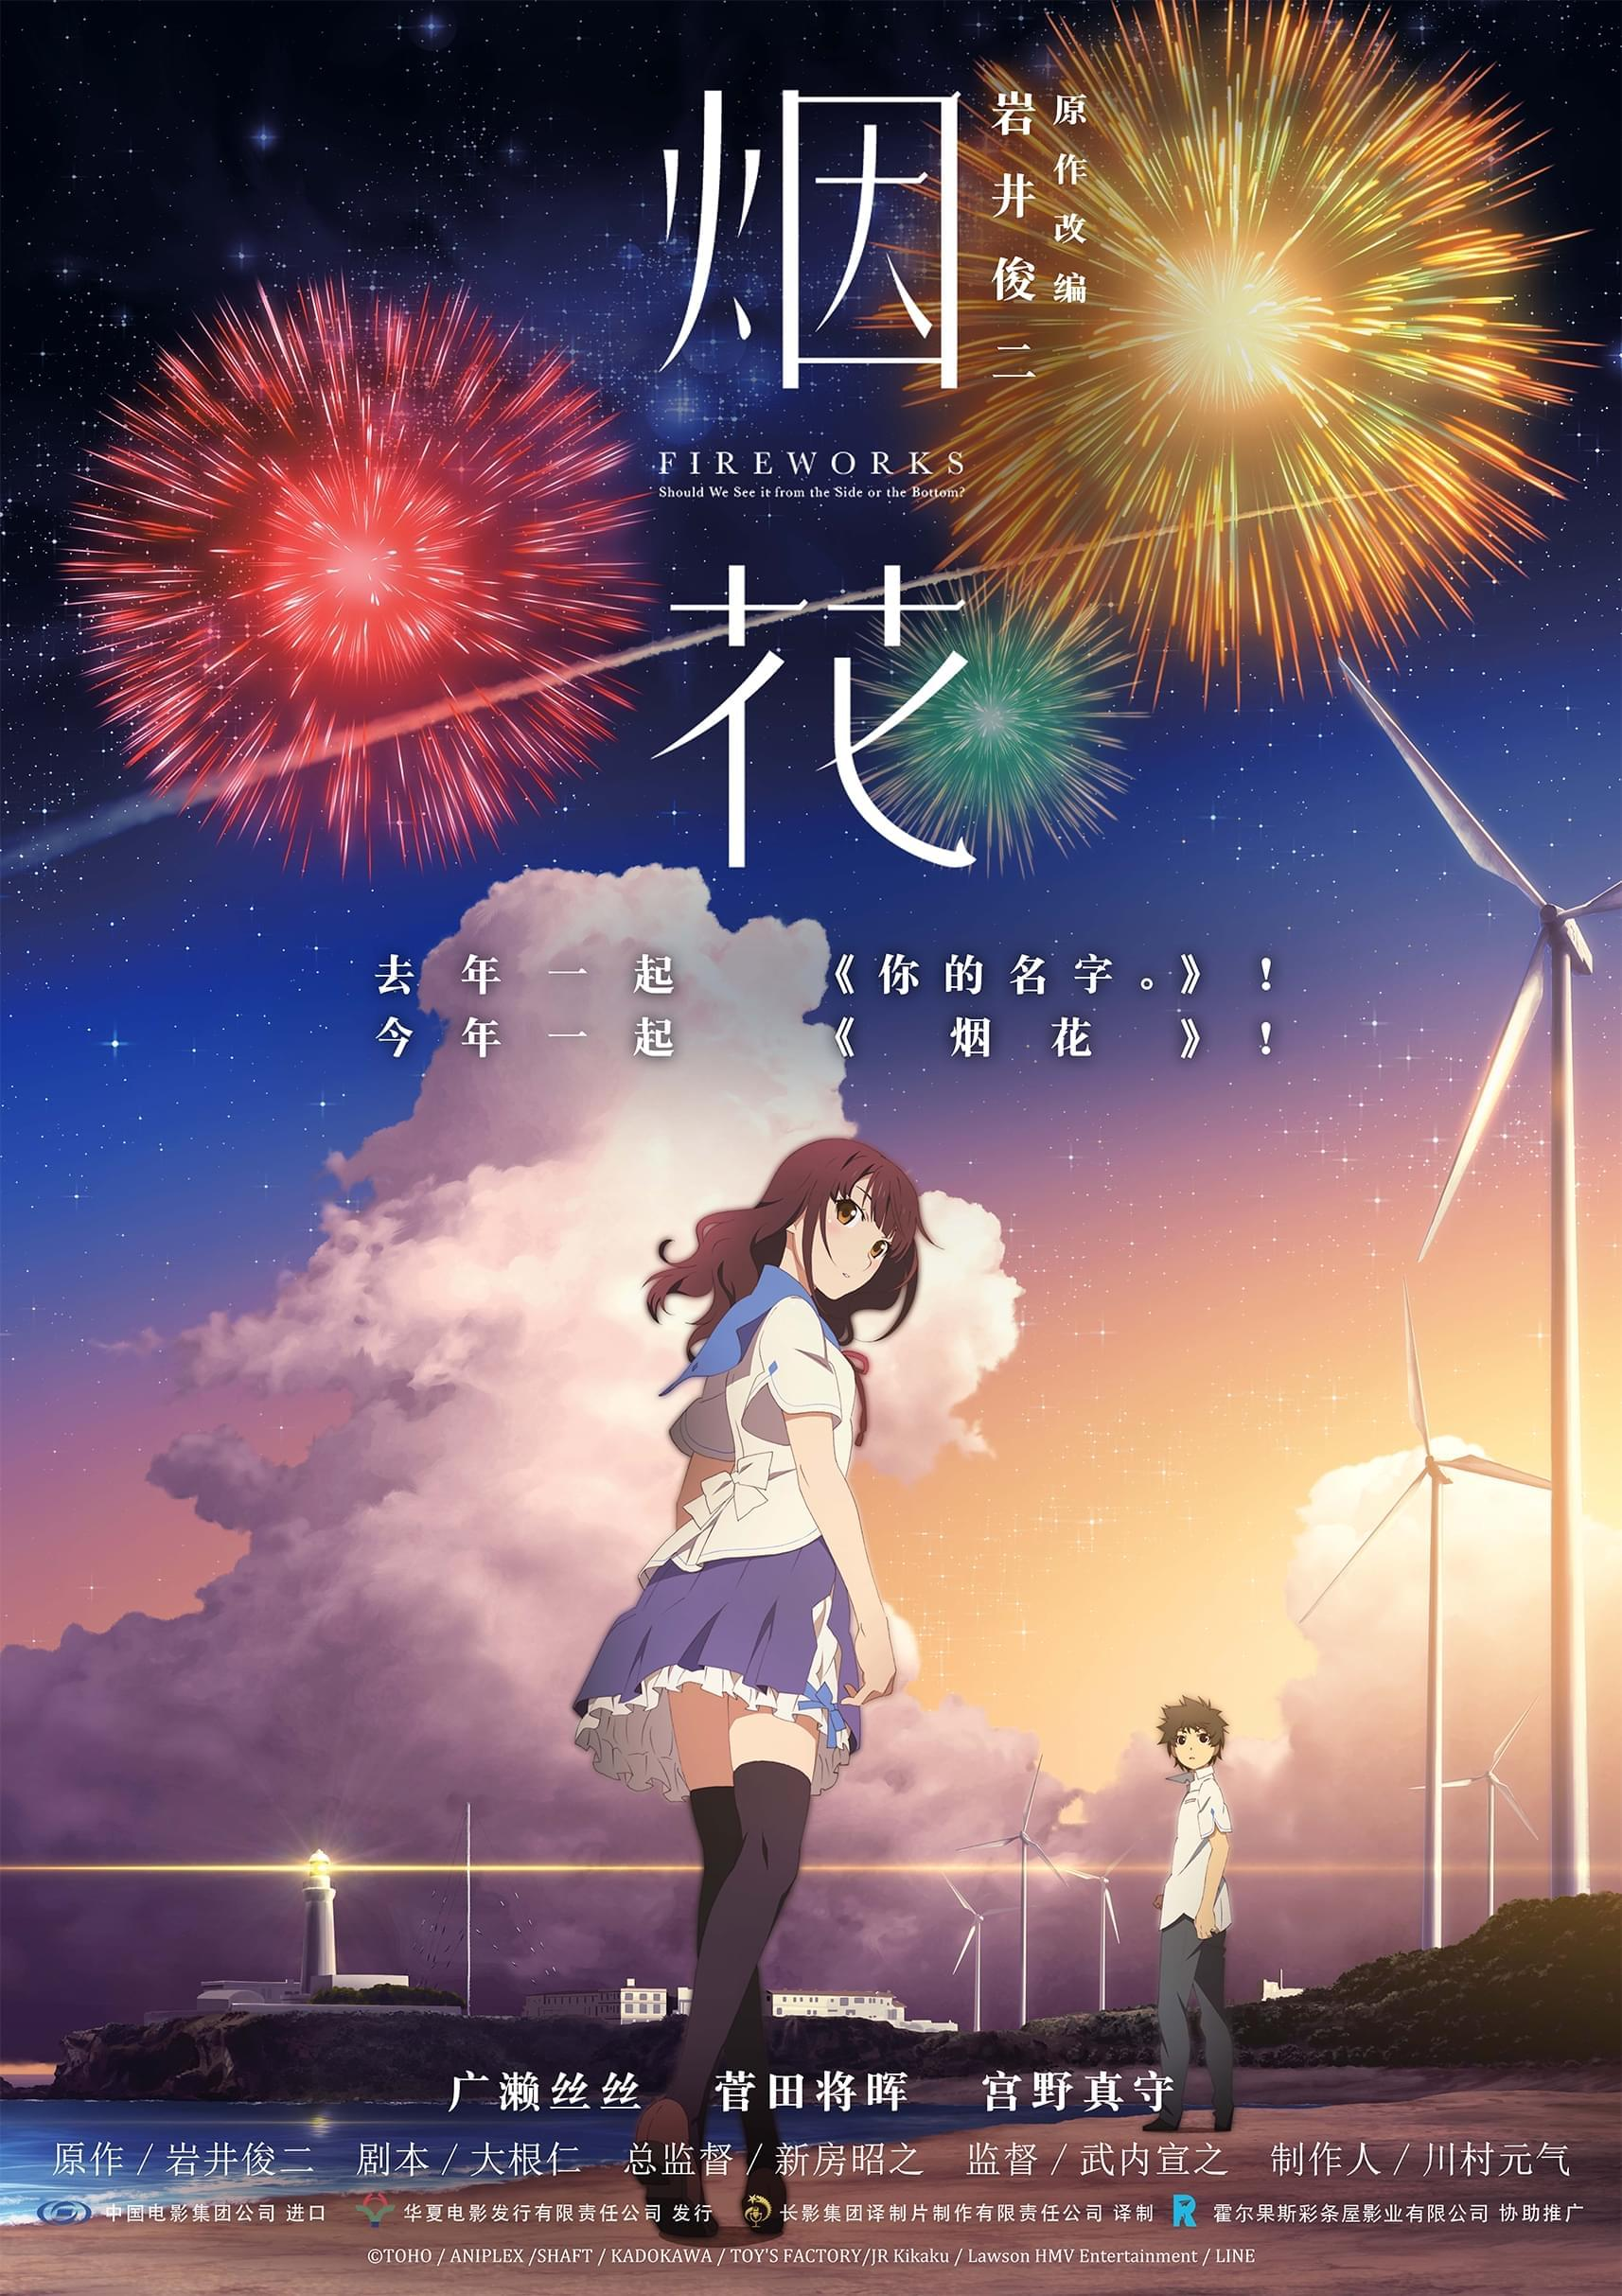 《烟花》确认引进望年内上映 岩井俊二原作改编